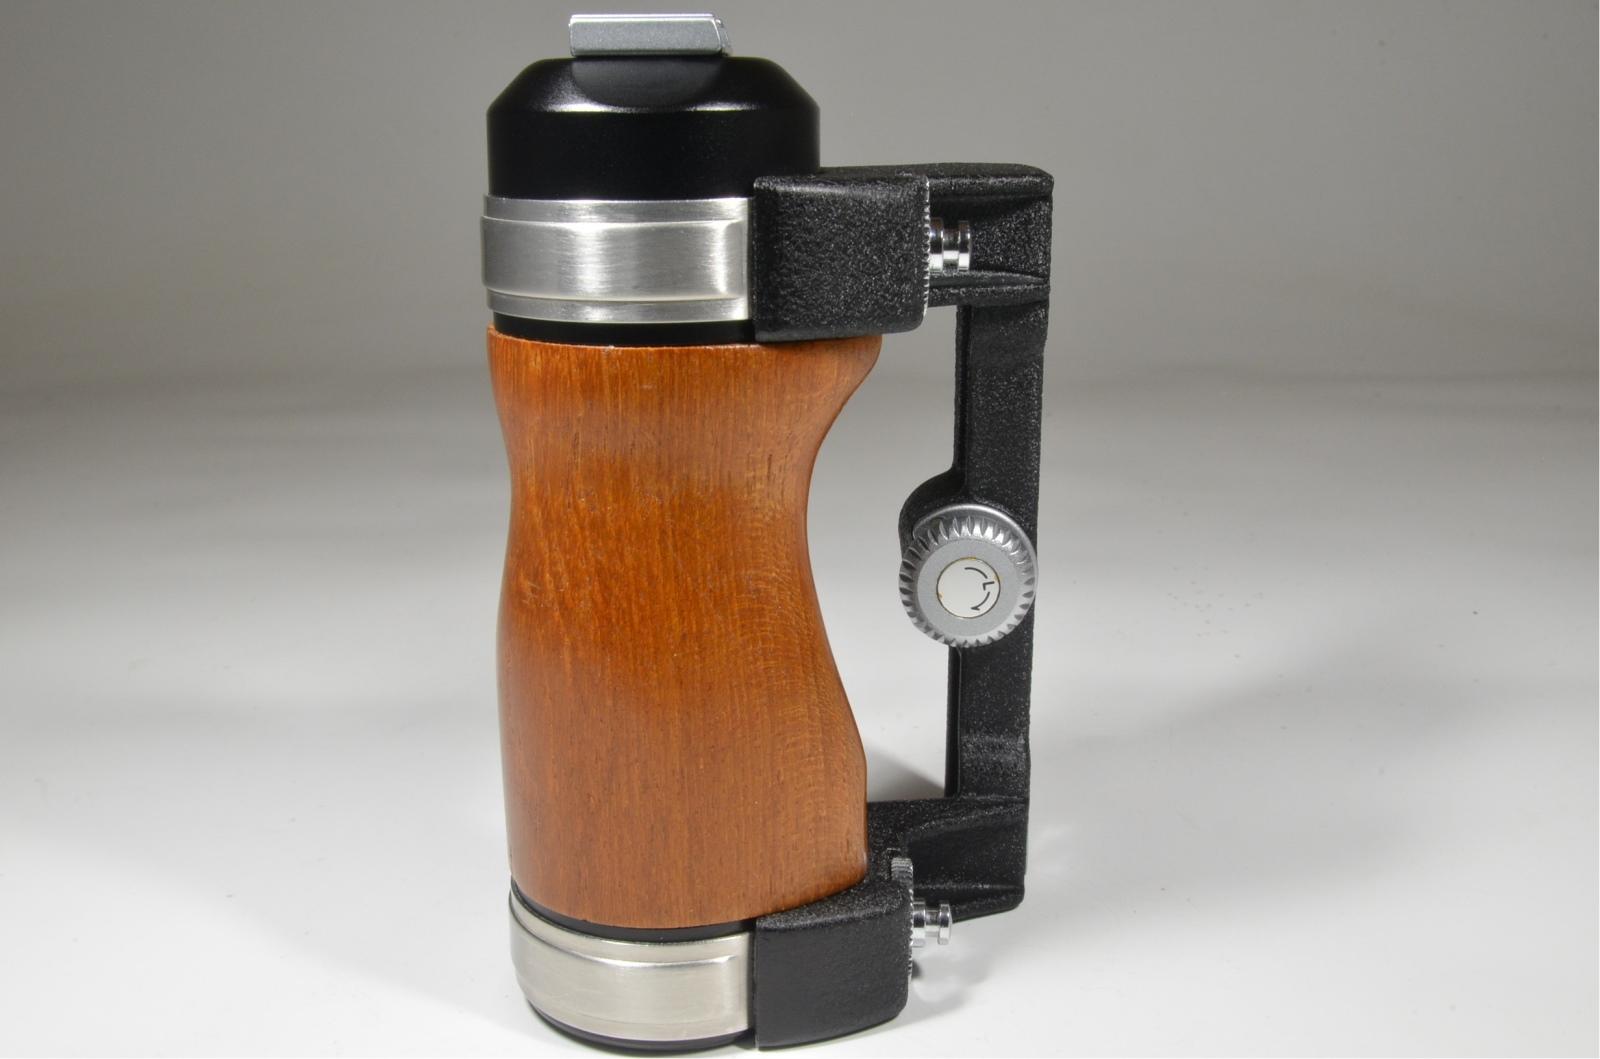 pentax 67 ttl with wood grip, smc 45mm f4, smc 90mm f2.8